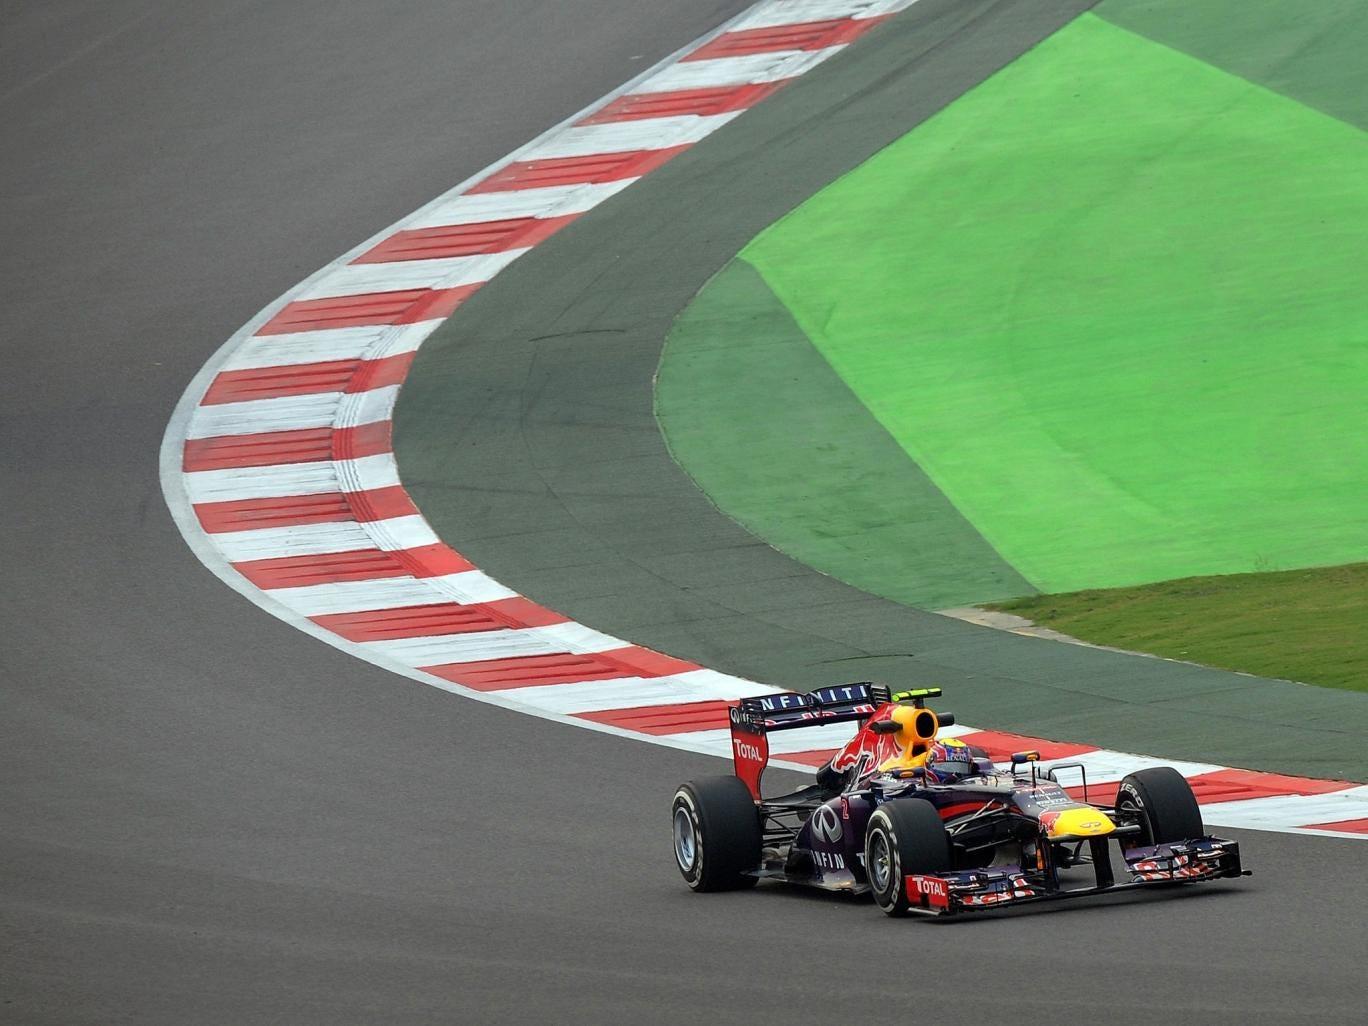 Sebastian Vettel during practice for the Indian Grand Prix